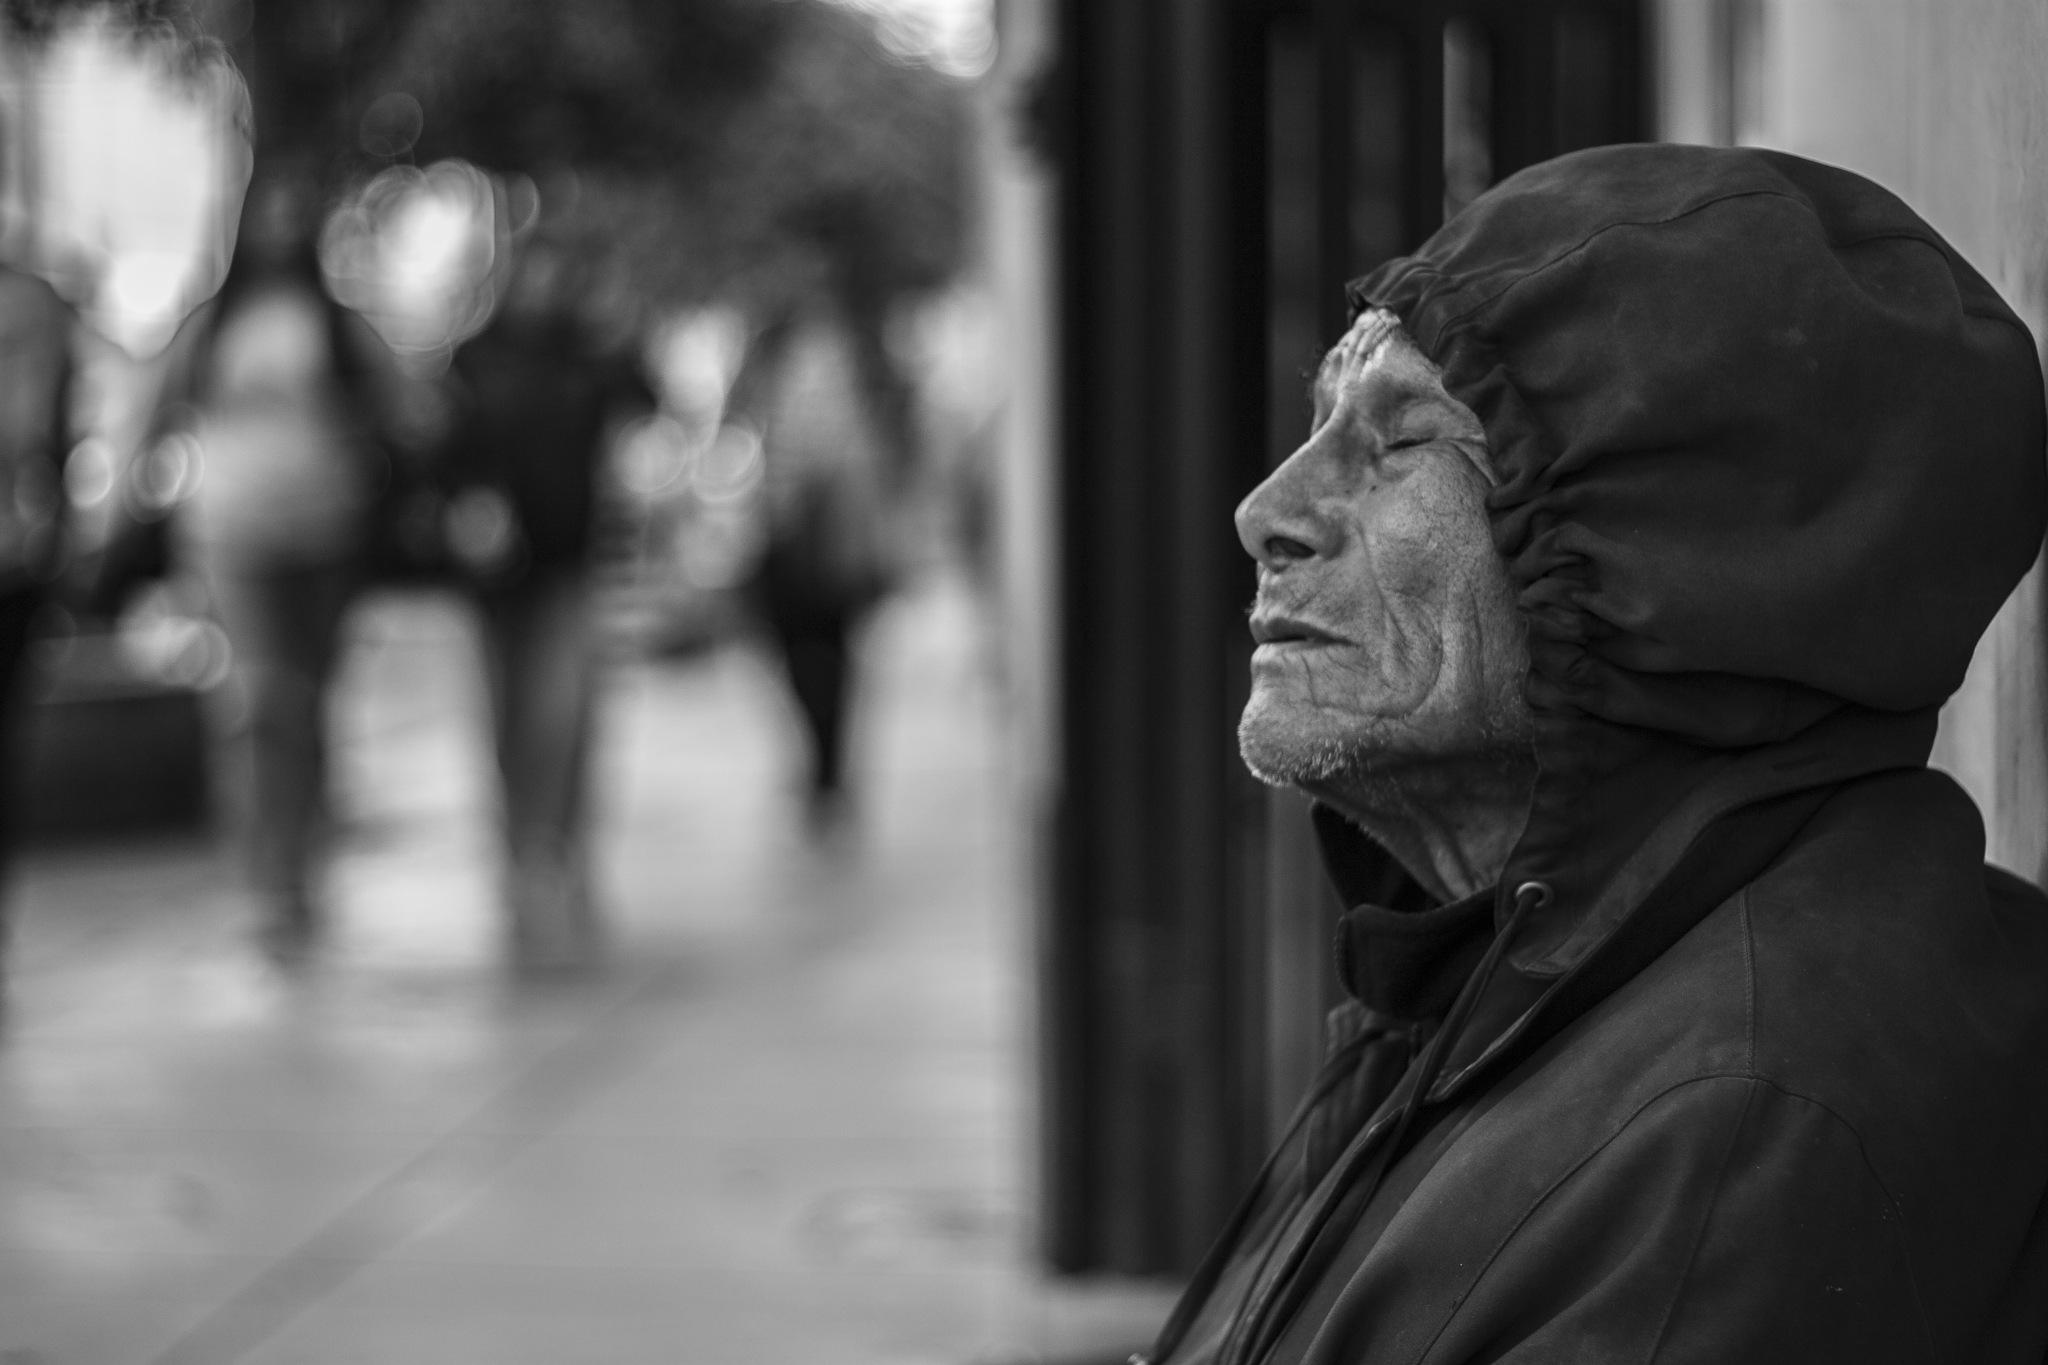 El mendigo by Roberto Pajares